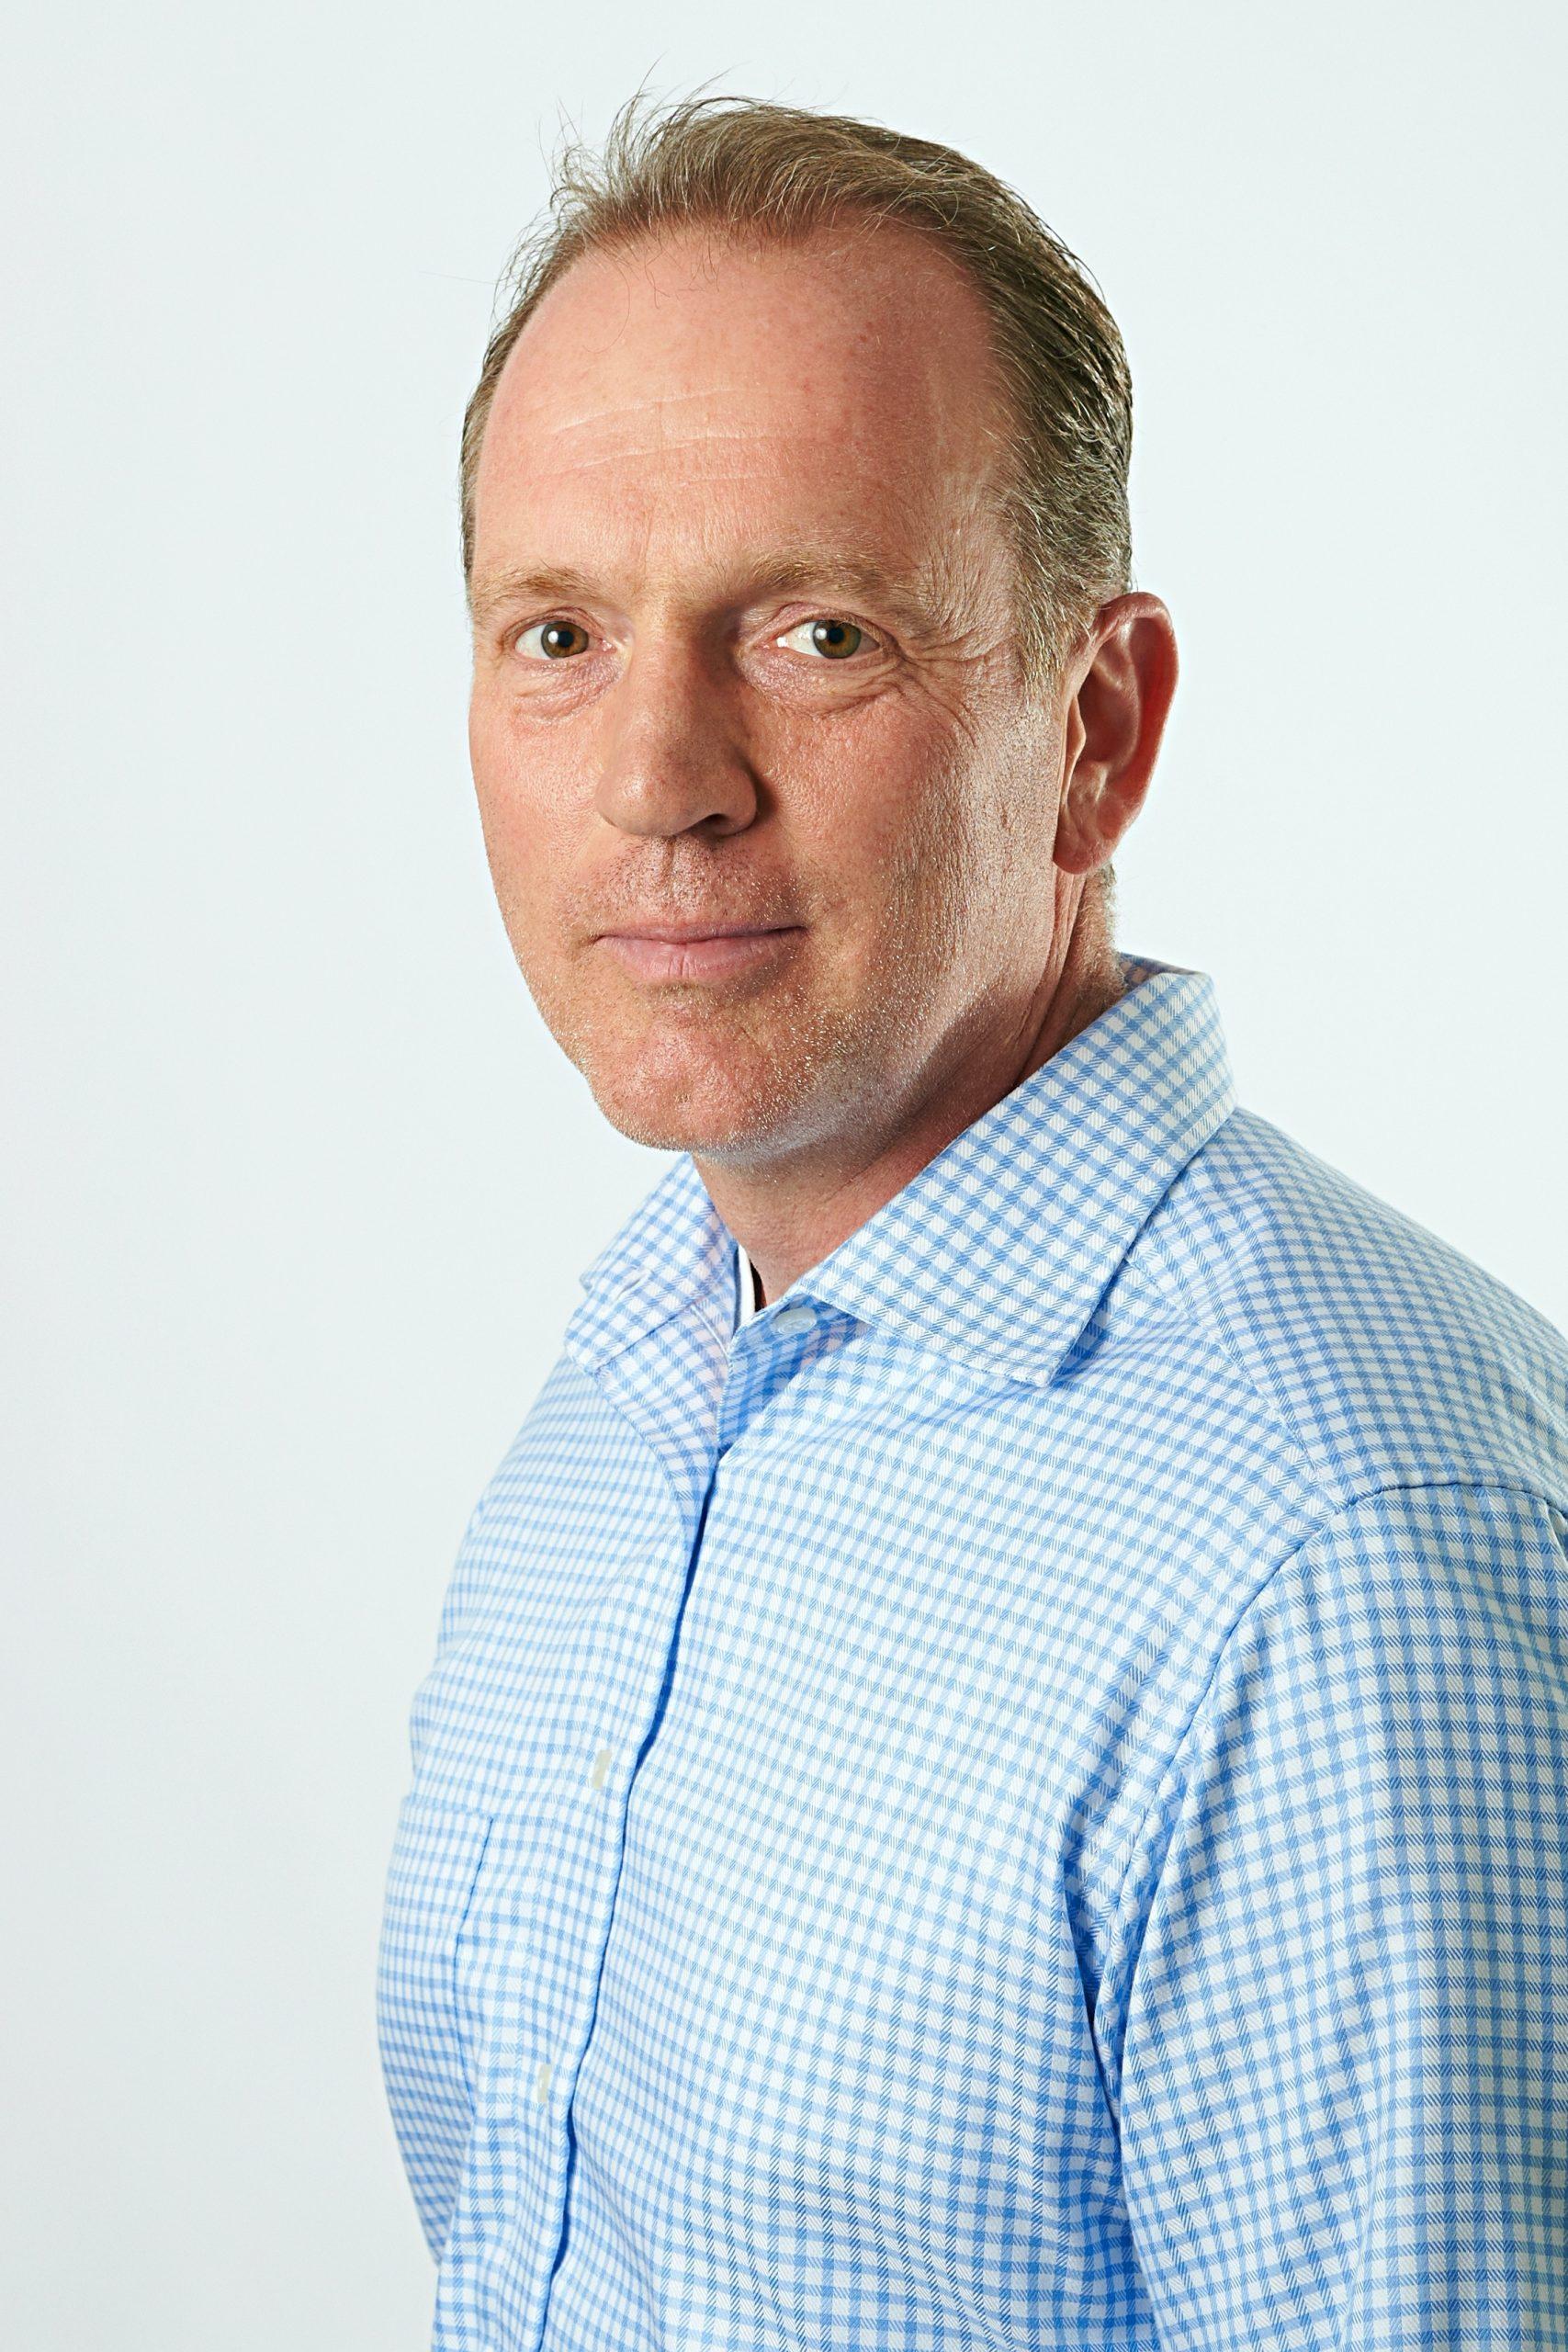 Tim Zielens